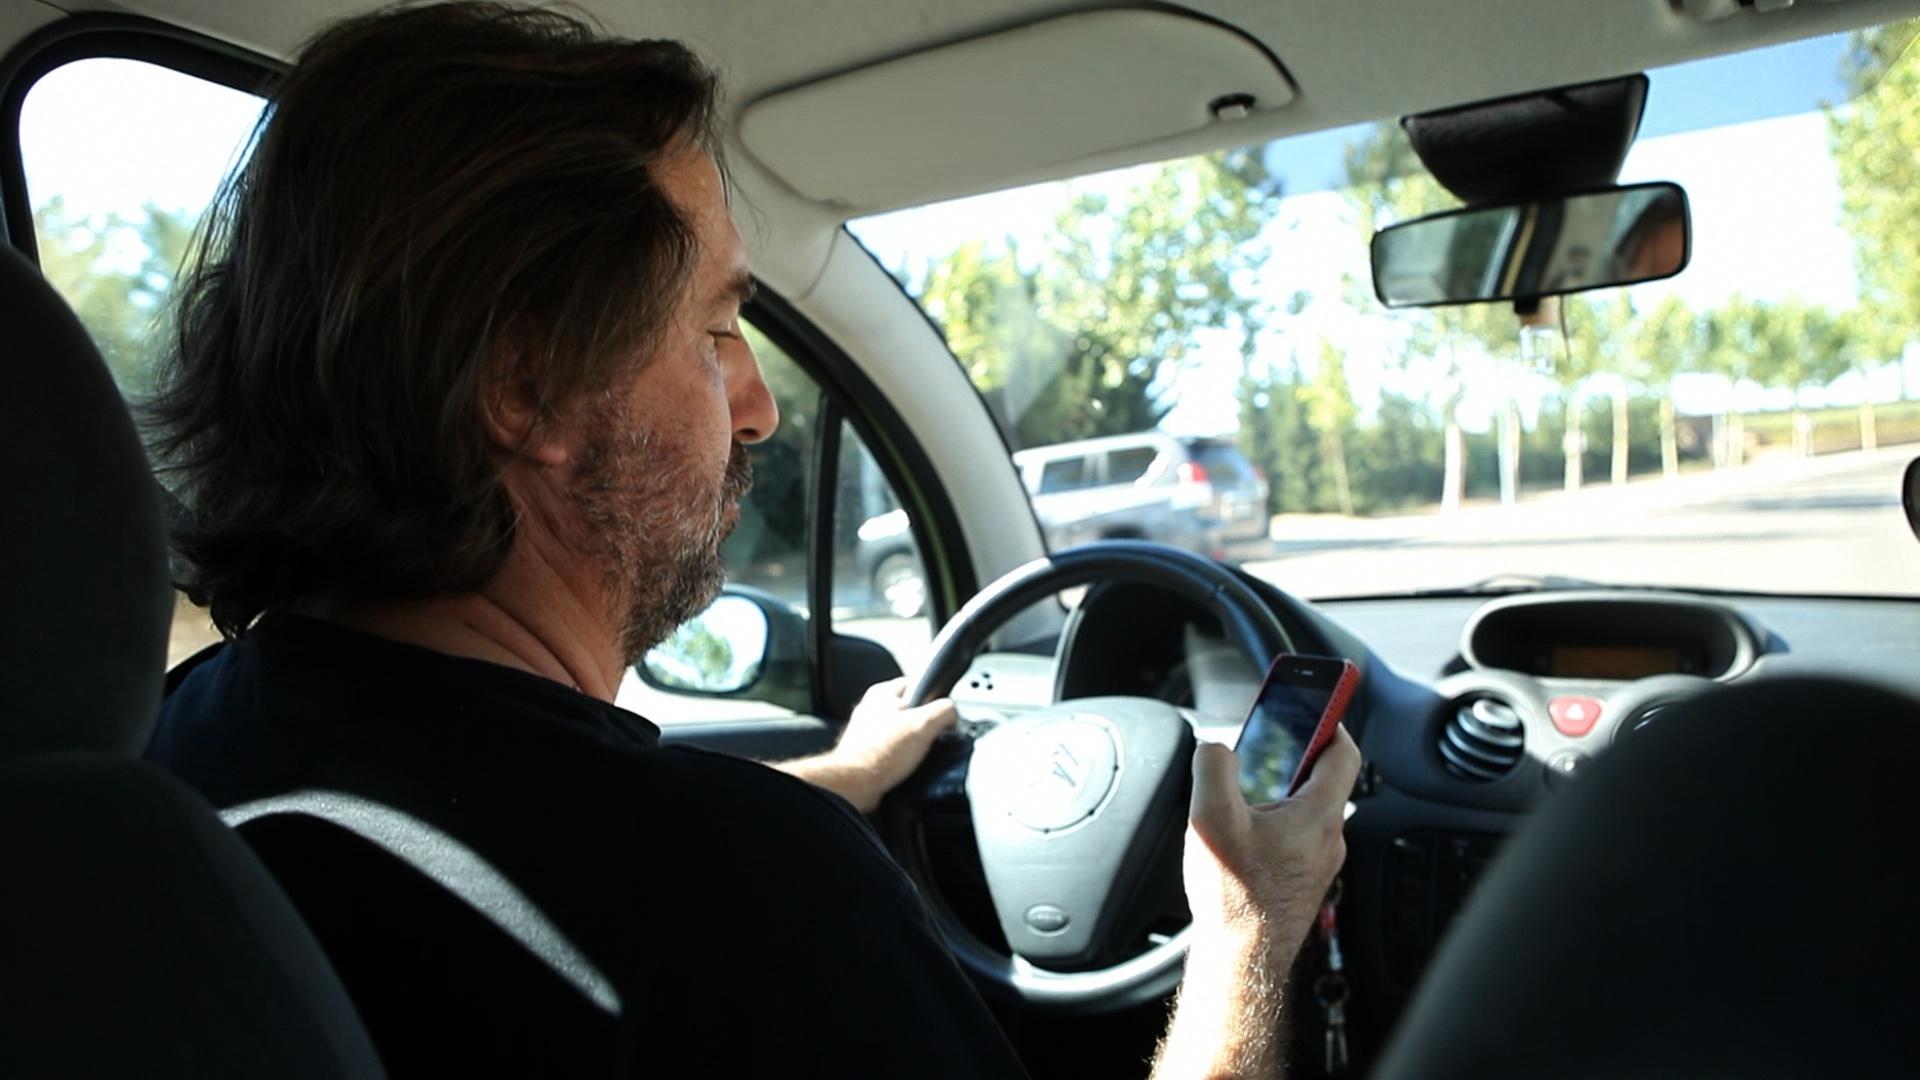 Tráfico intensifica esta semana la vigilancia sobre el uso del móvil y otras distracciones